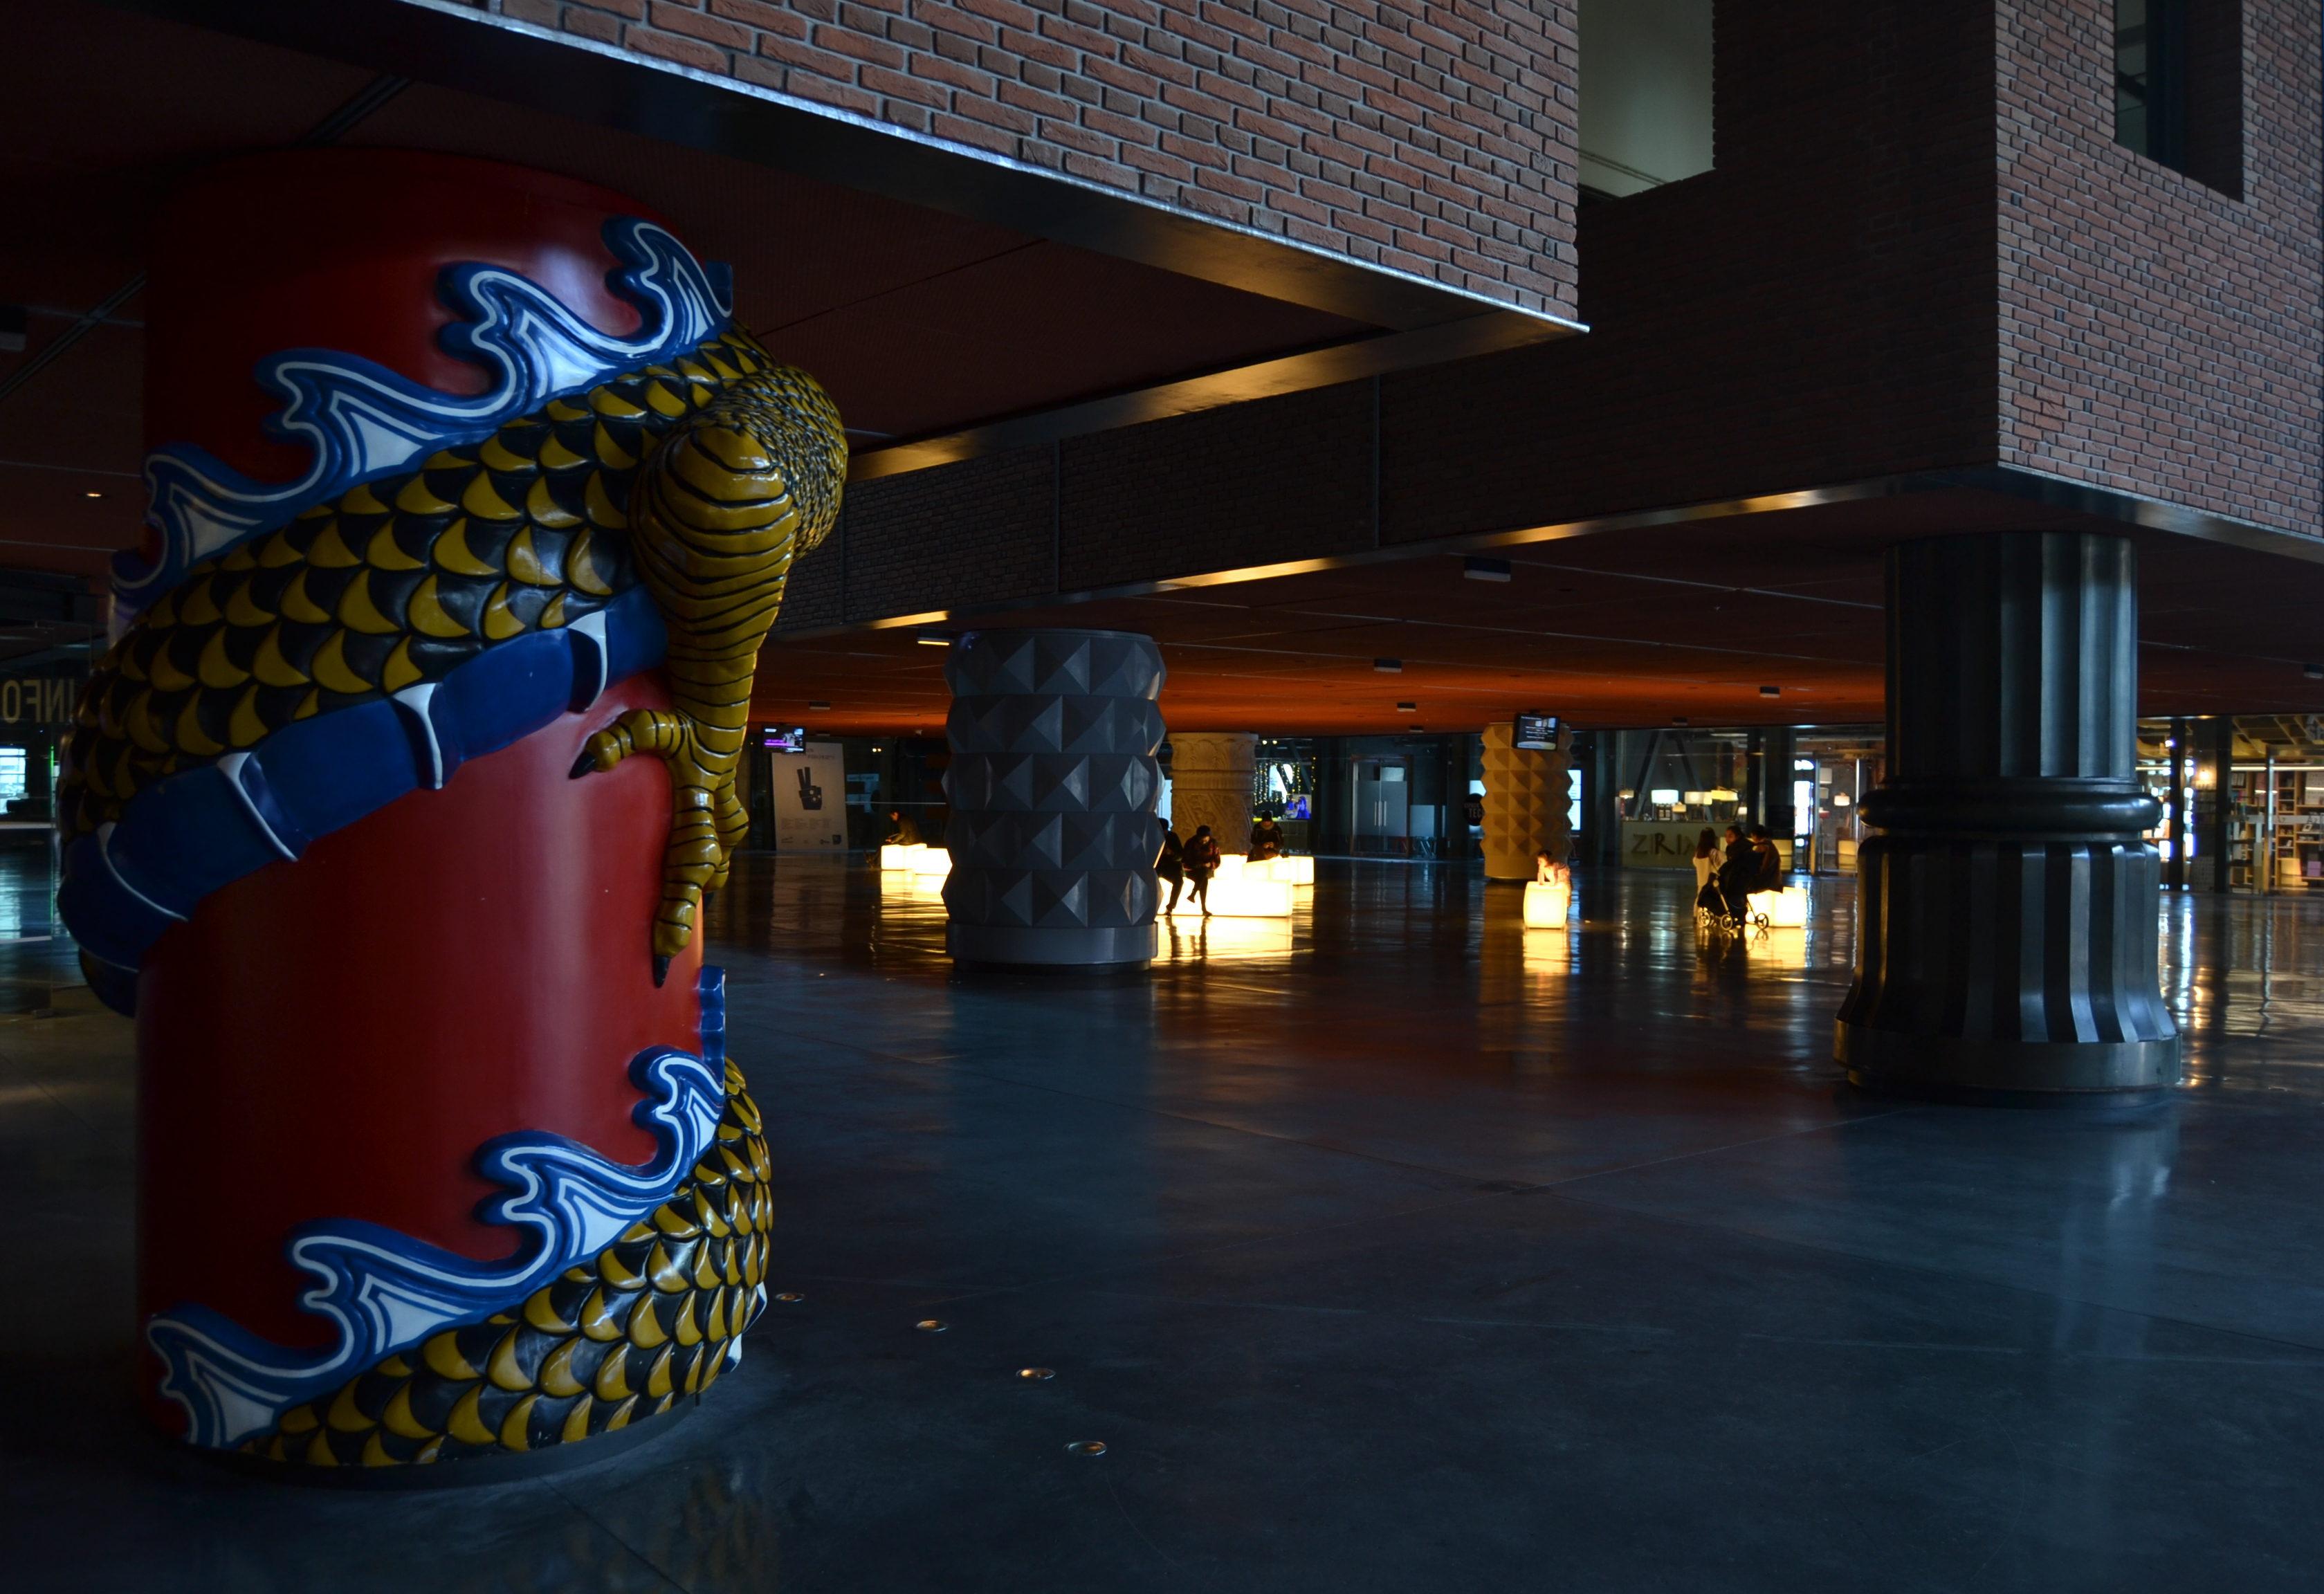 Quoi faire à Bilbao en 3 jours Azkuna Centroa lieux instagram Bilbao quoi faire à Bilbao quoi voir à Bilbao Bilabo en 3 jours blog voyage les p'tits touristes